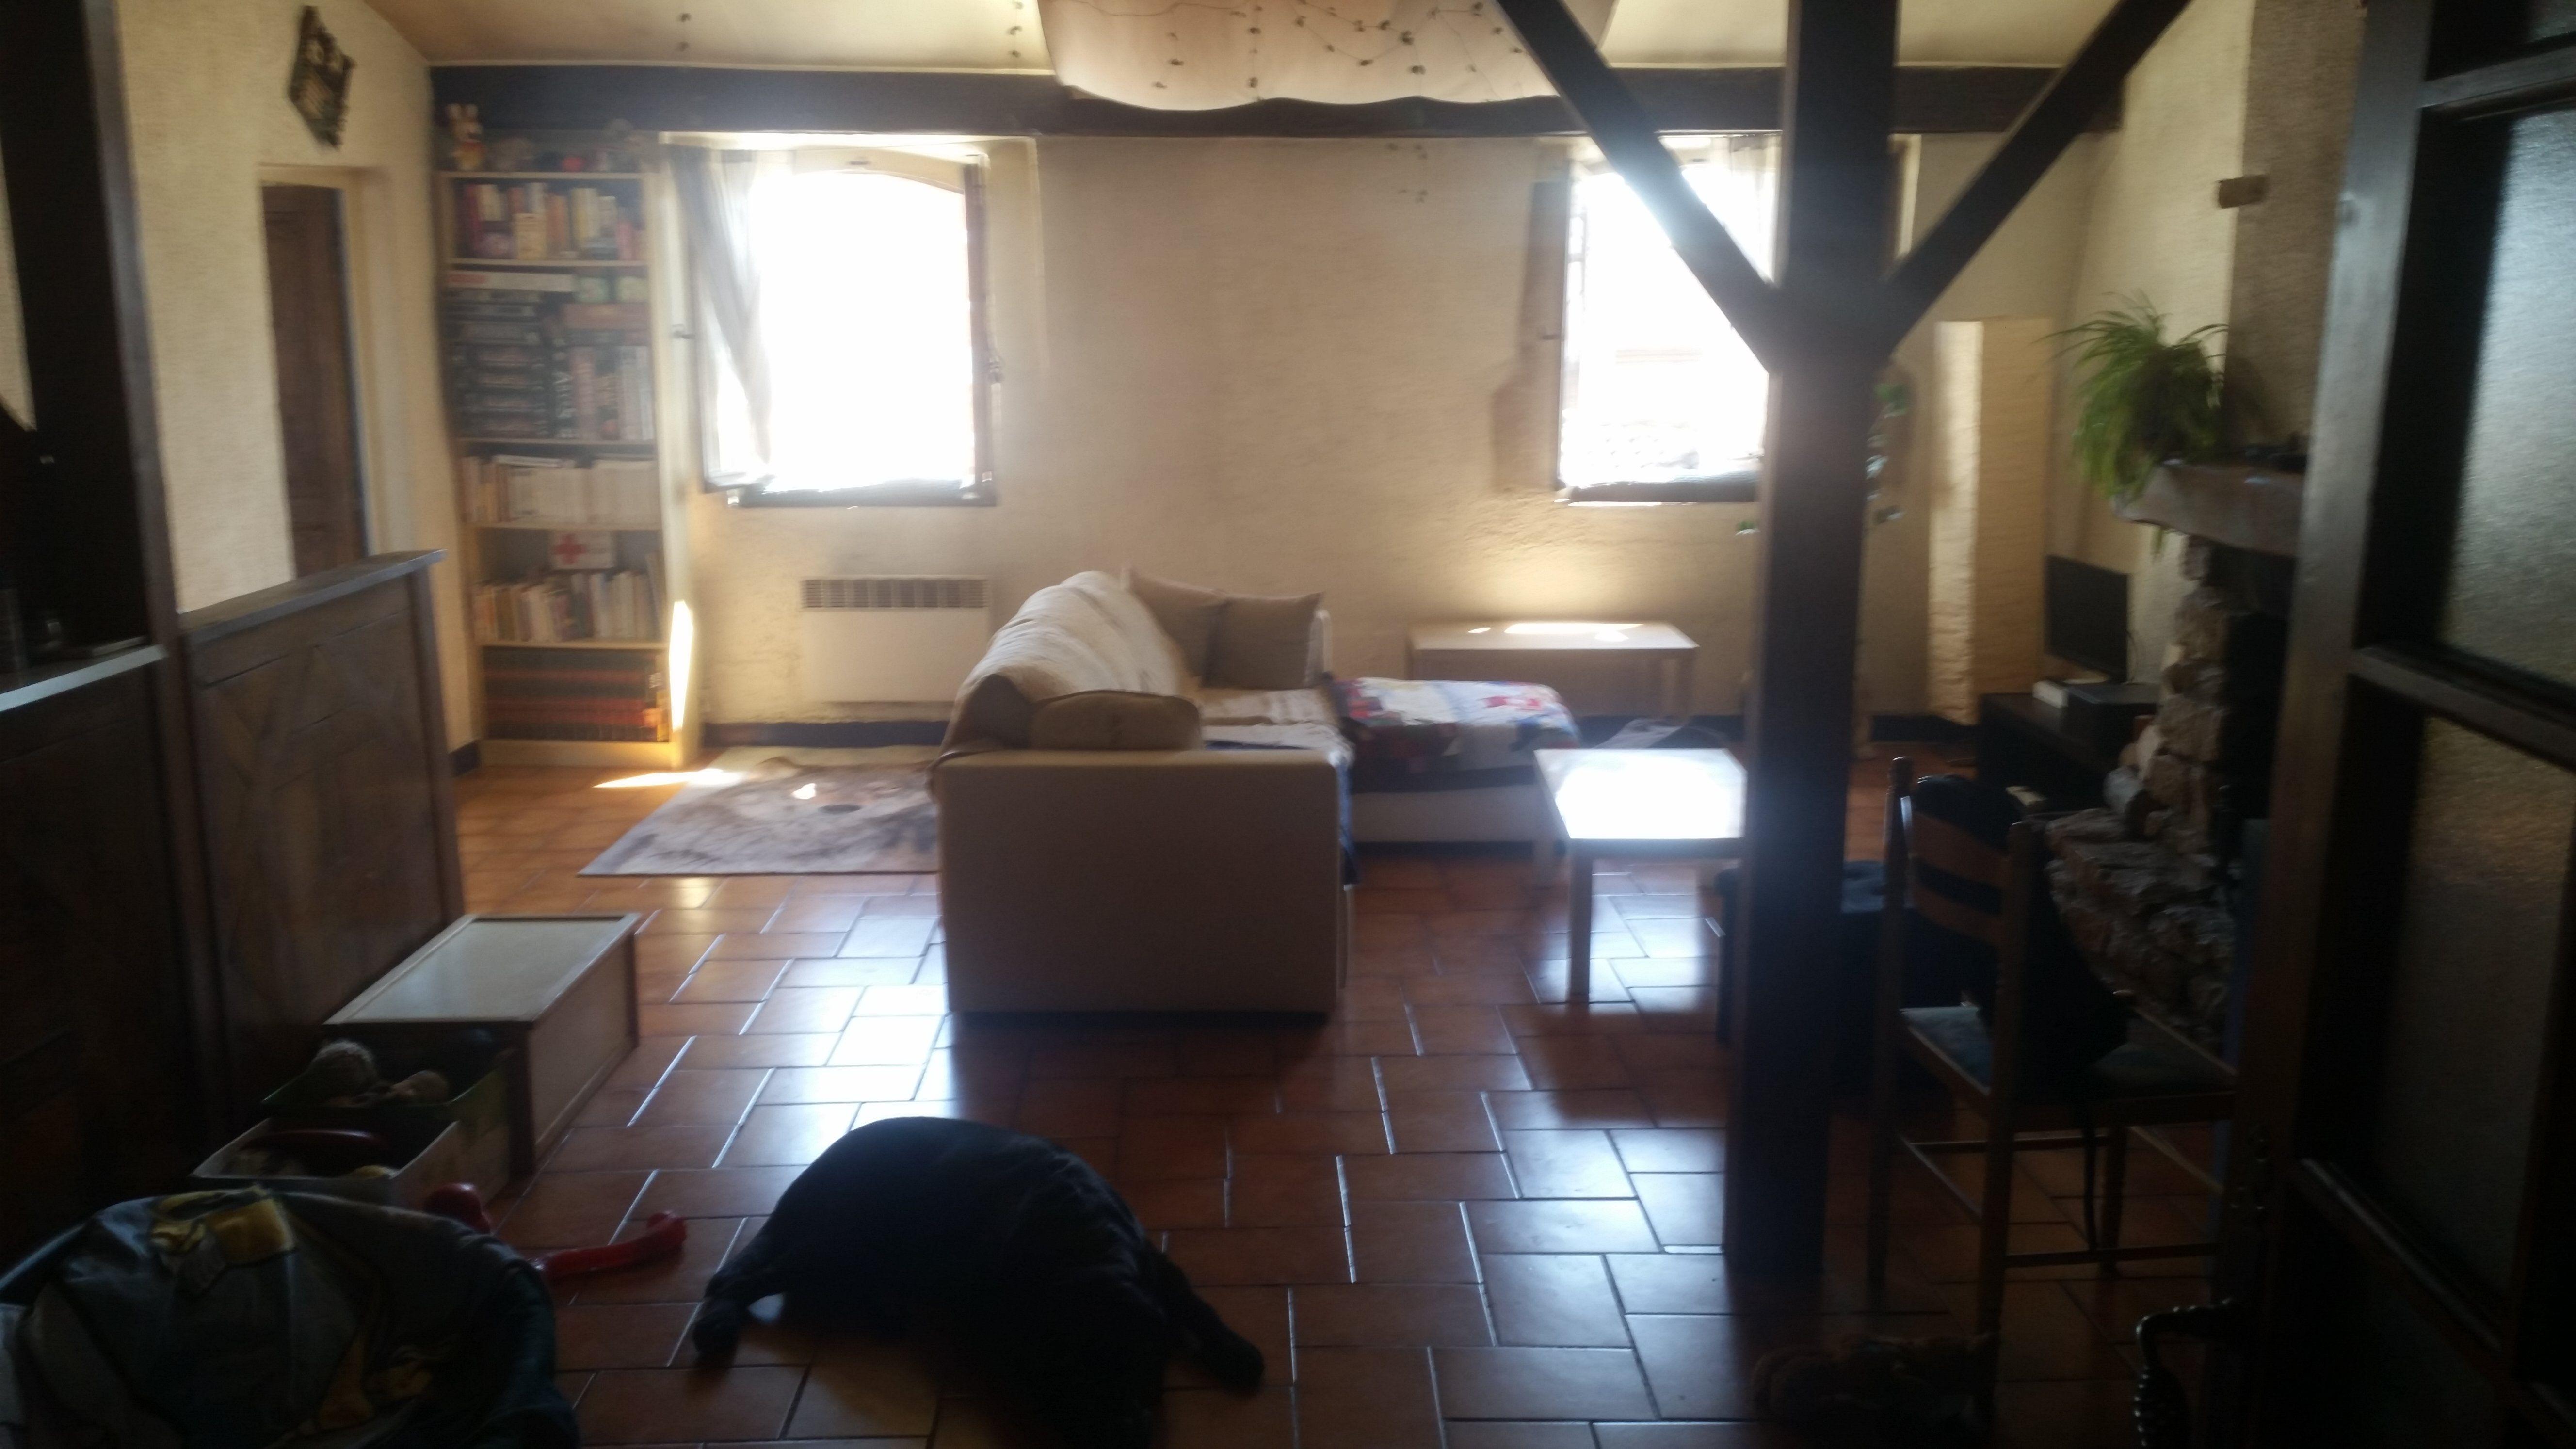 Chambre-à-louer-Lyon 1er arrondissement-Coloc-Lyon1